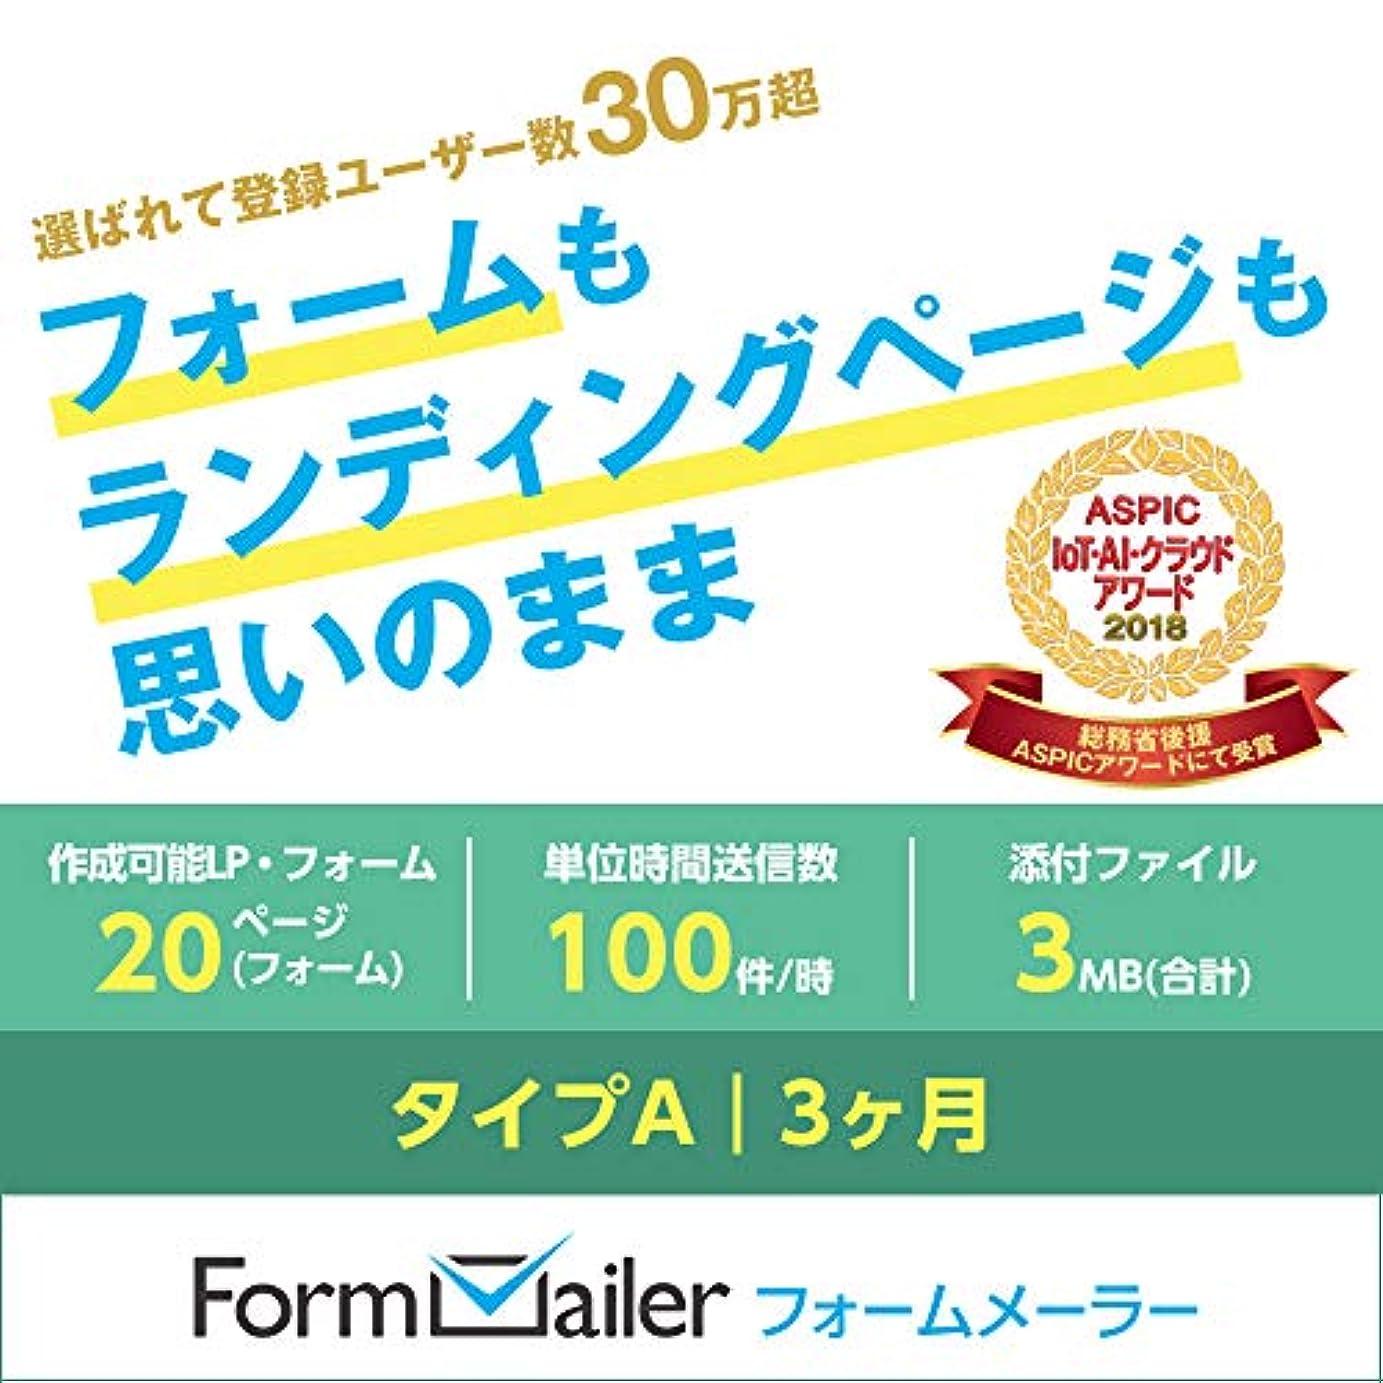 プレビューホイップ腹痛フォームメーラー Business タイプA【LP(フォーム)作成数:20ページ(個)/月】3ヶ月|オンラインコード版